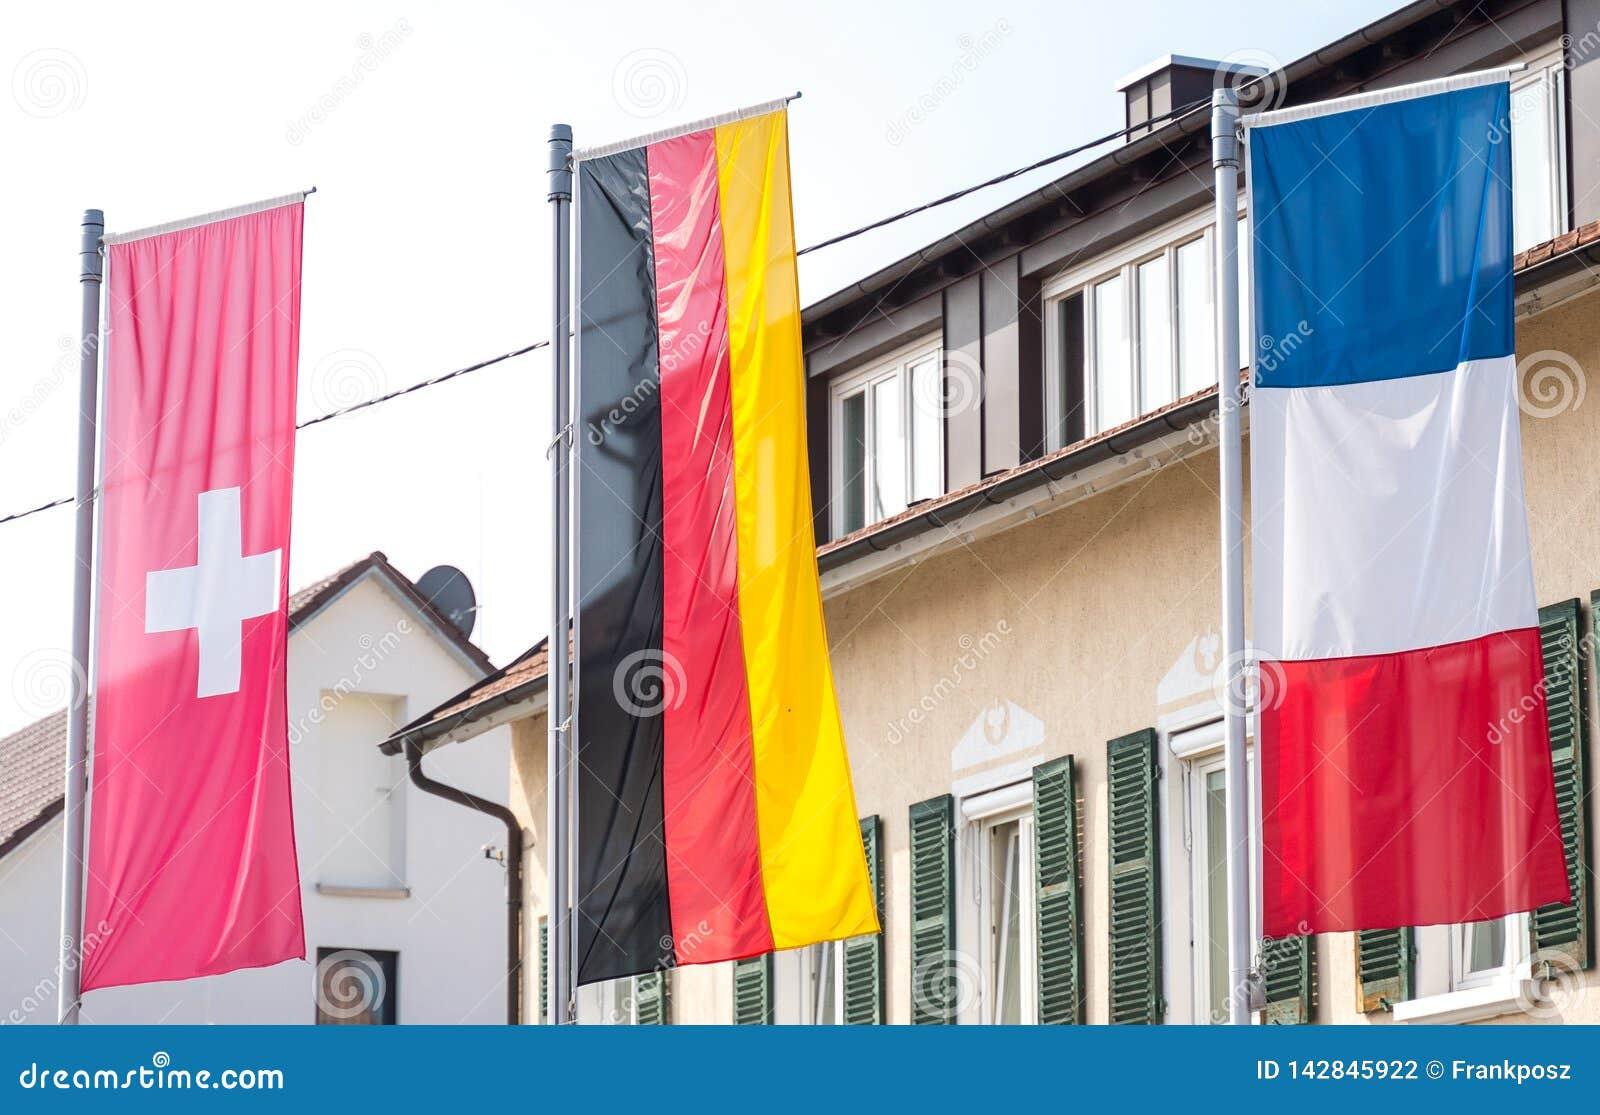 Drapeau de l Allemagne, drapeau suisse, drapeau français soufflant dans le vent